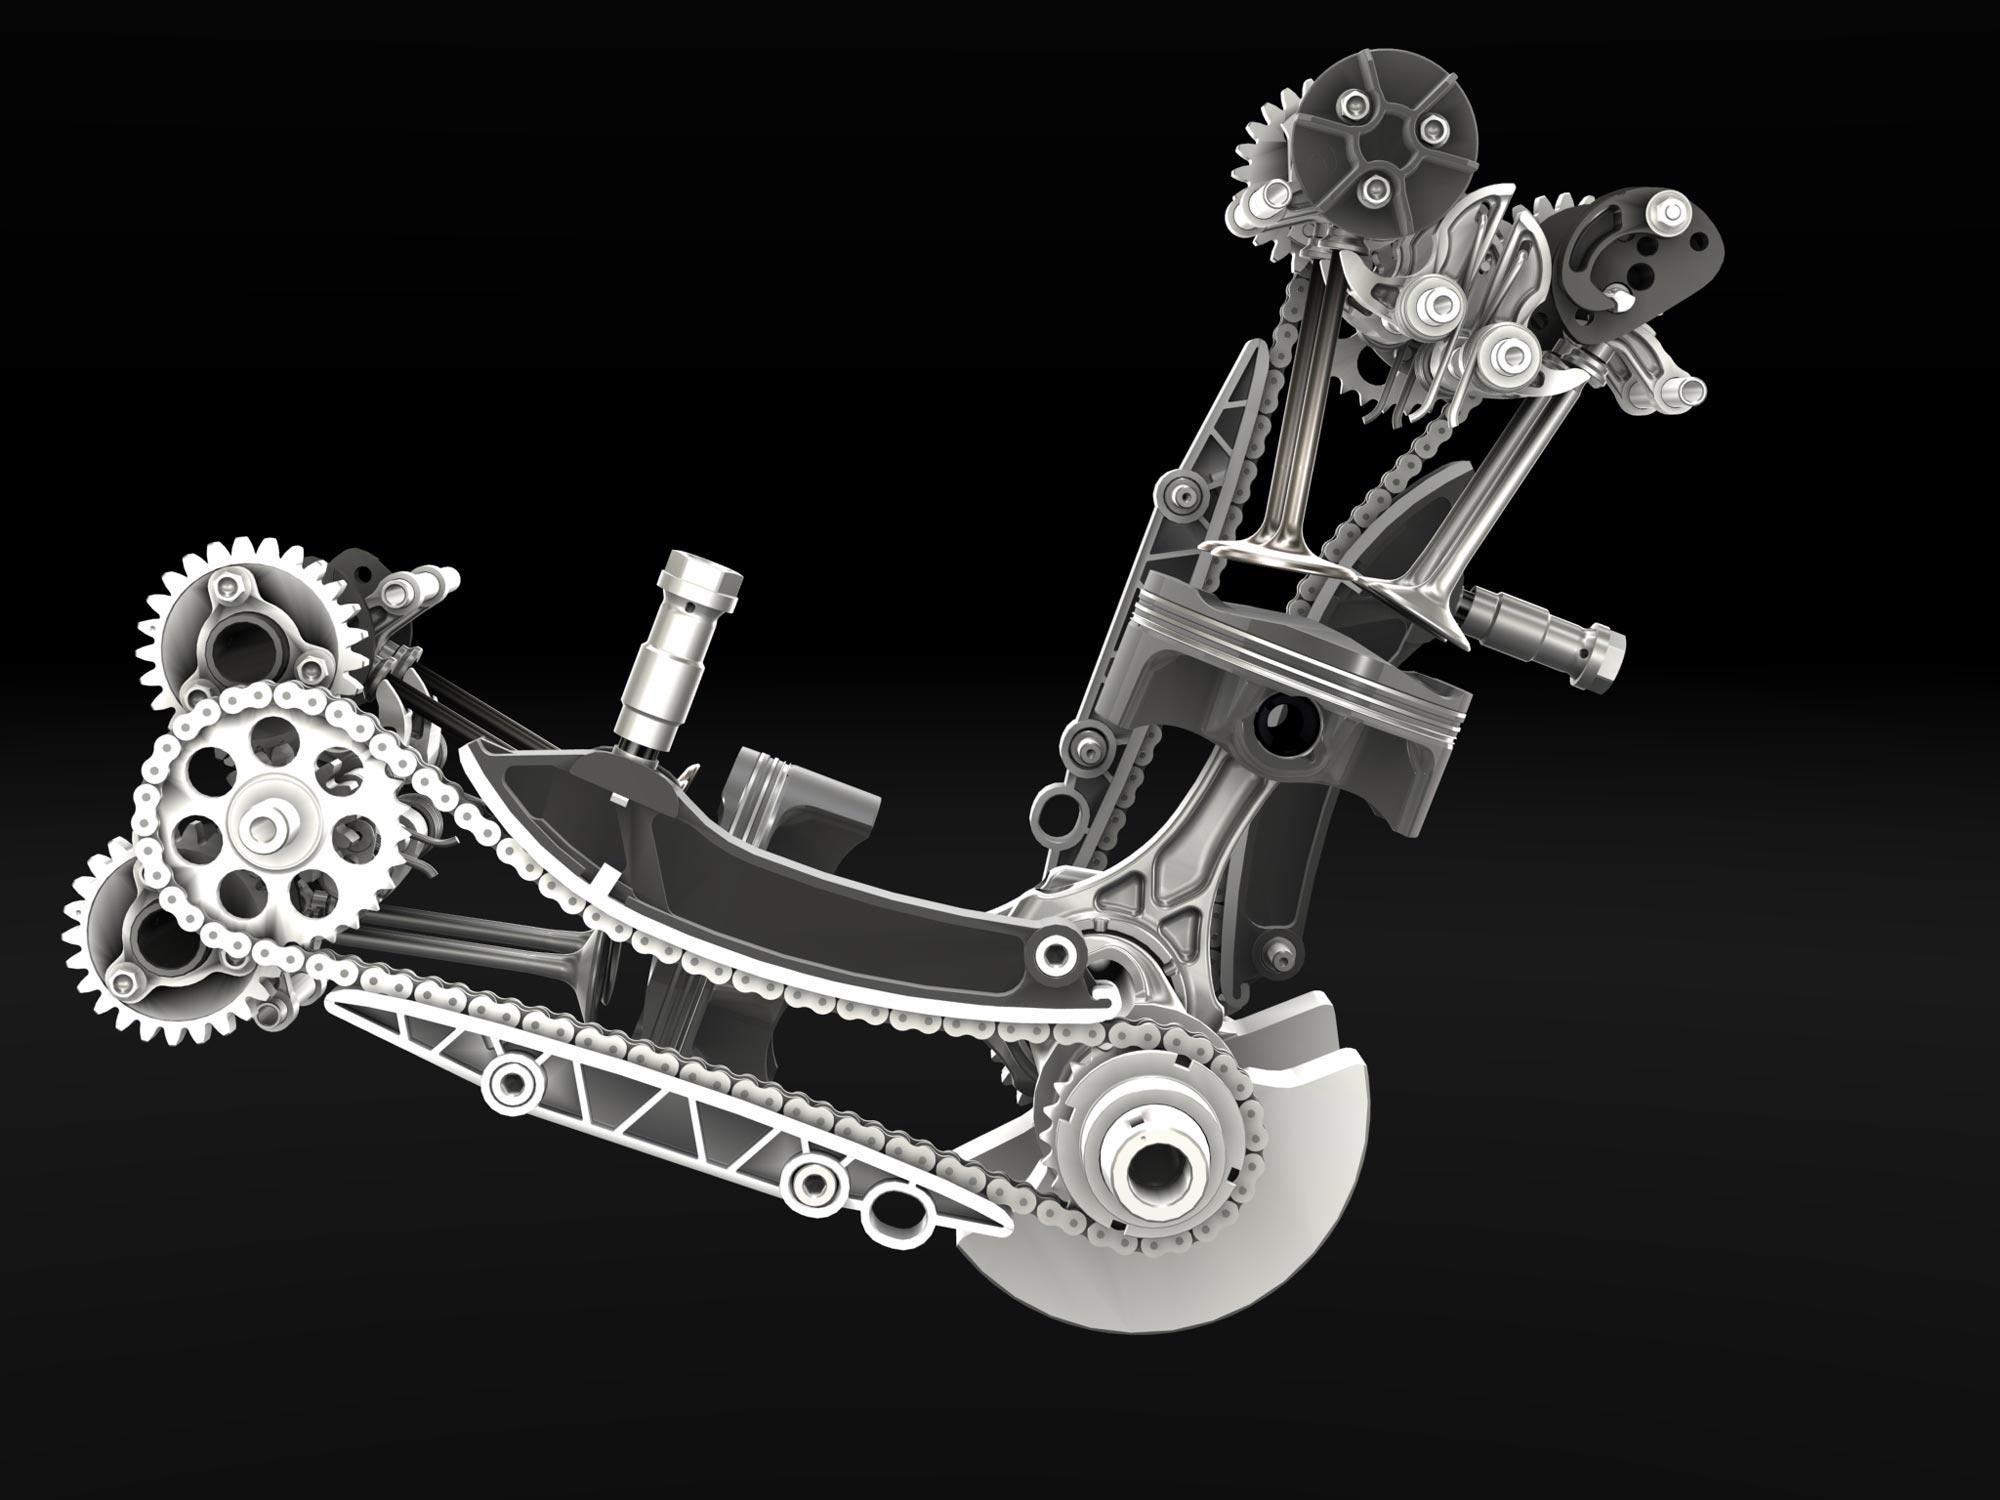 Superquadro Ducati